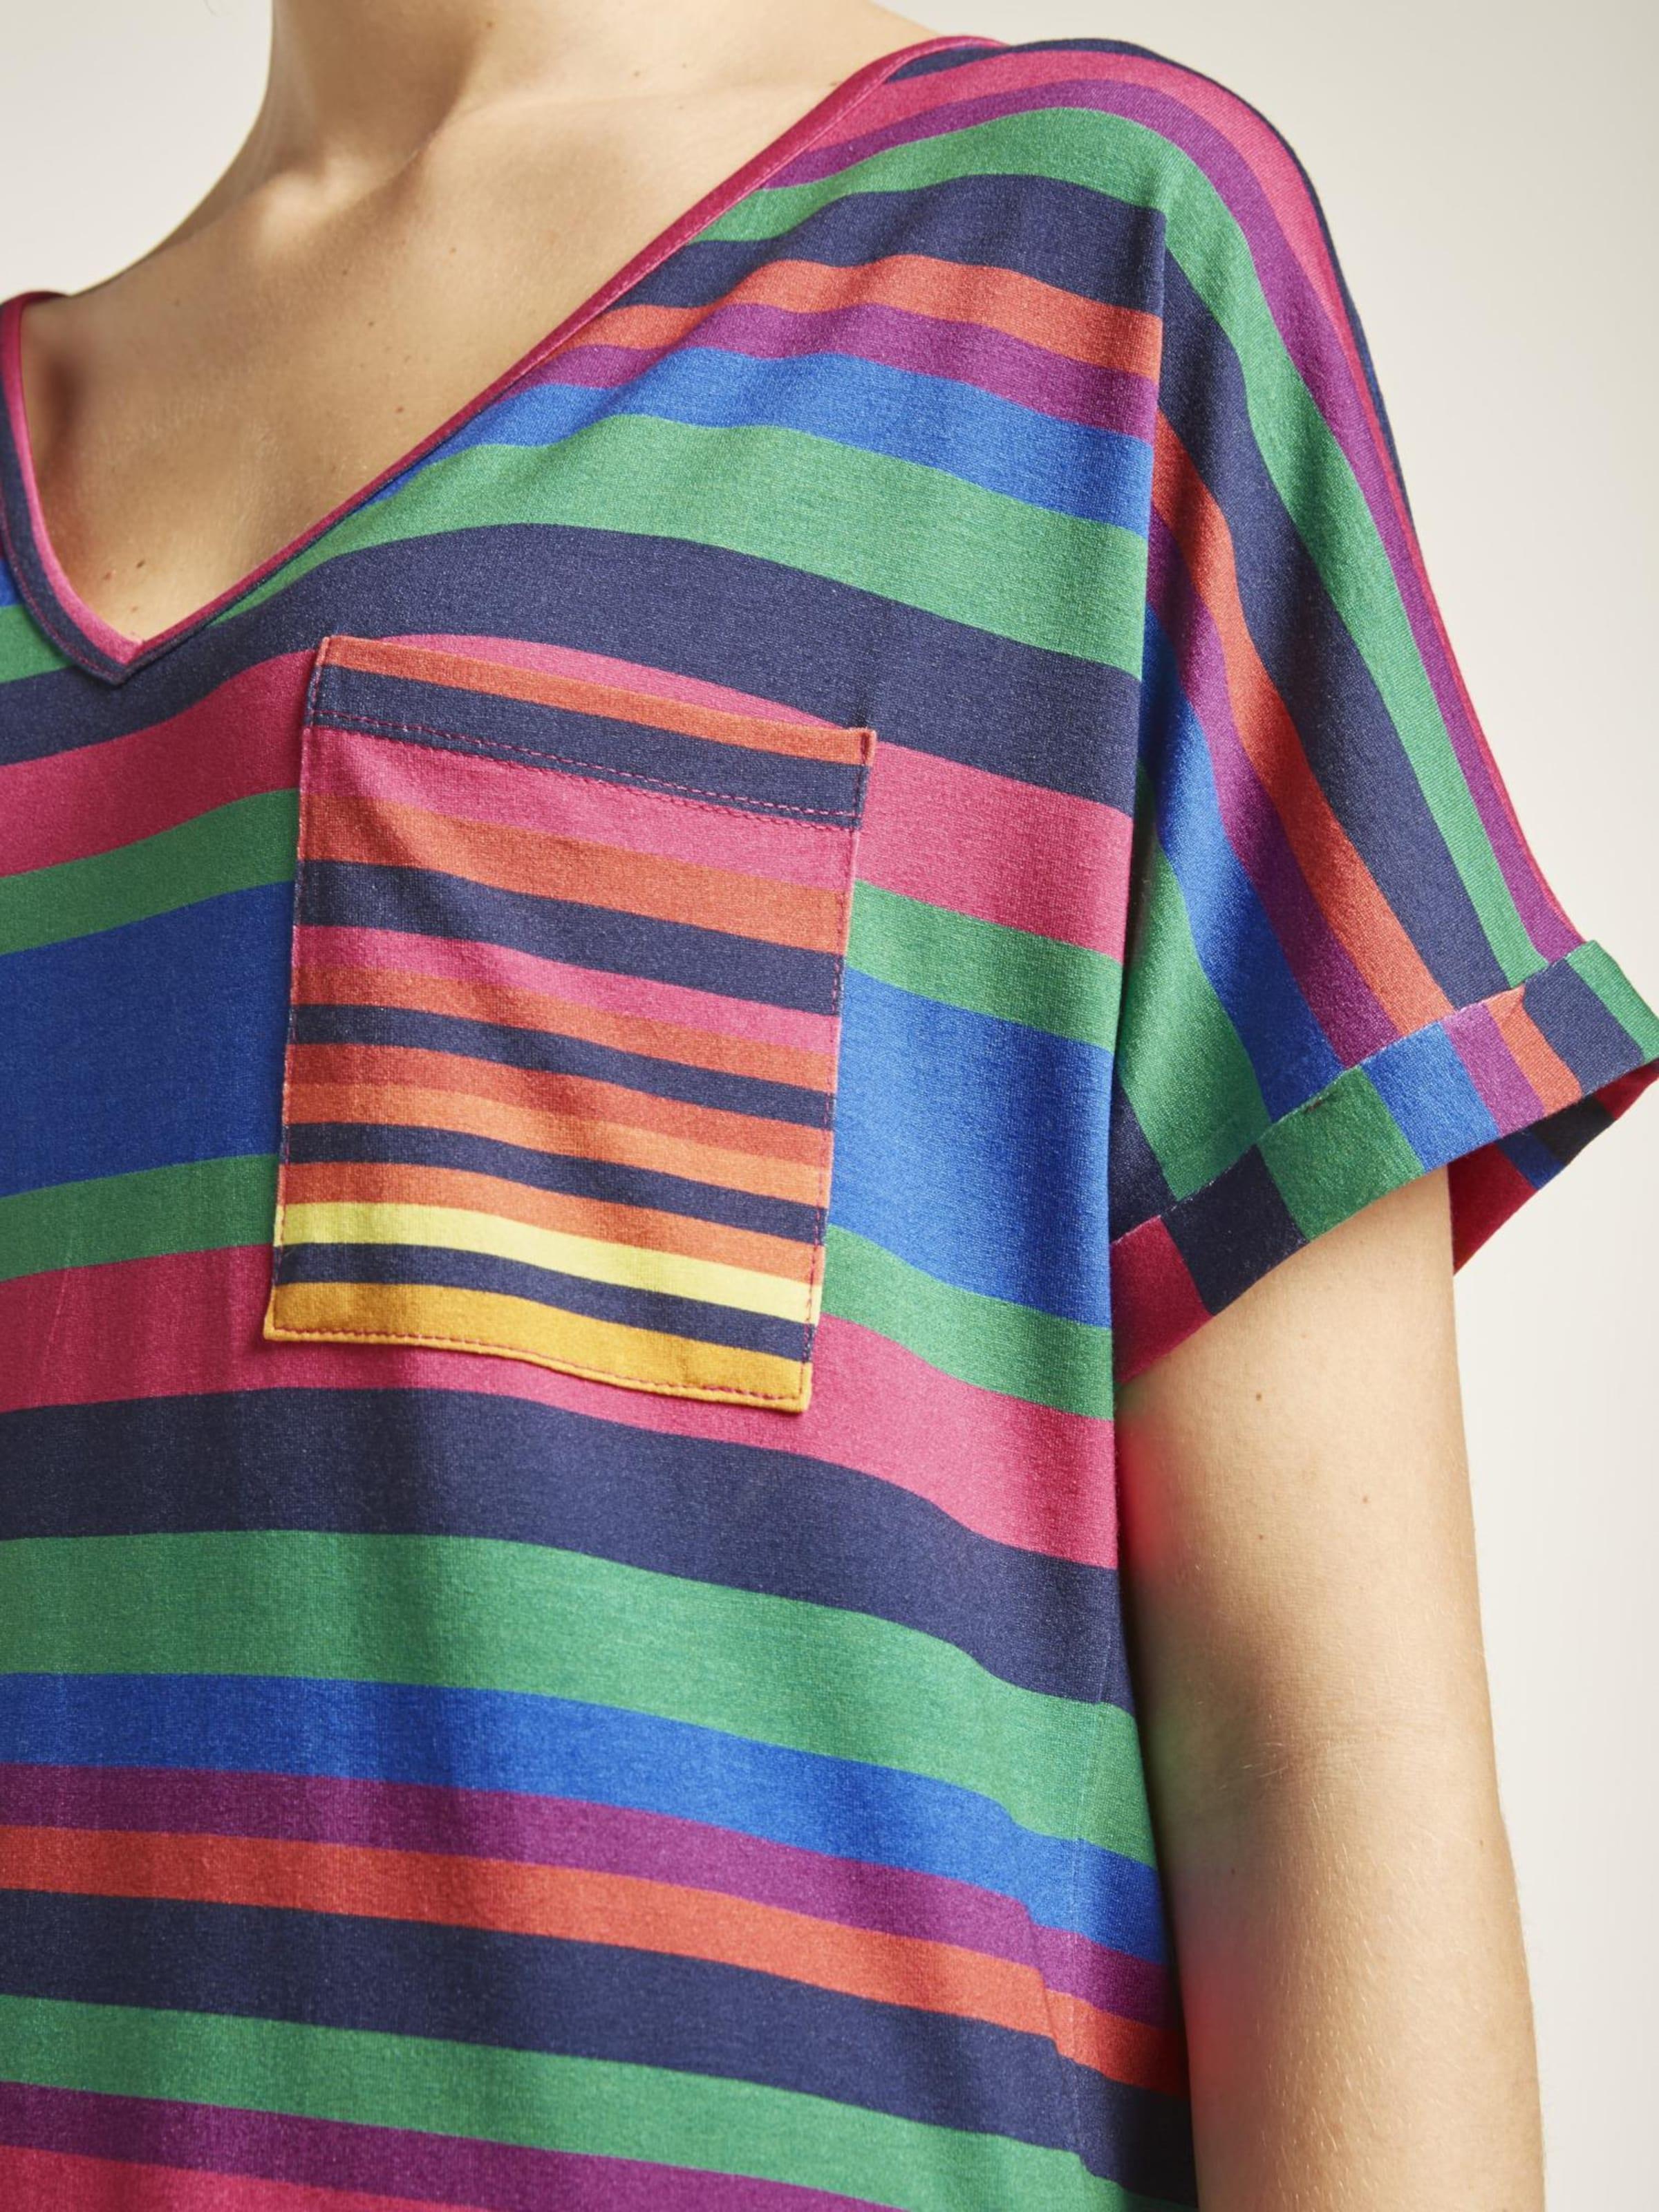 Heine In Shirt Shirt In Mischfarben Heine Shirt Mischfarben Mischfarben Heine Heine In VSUMpqz